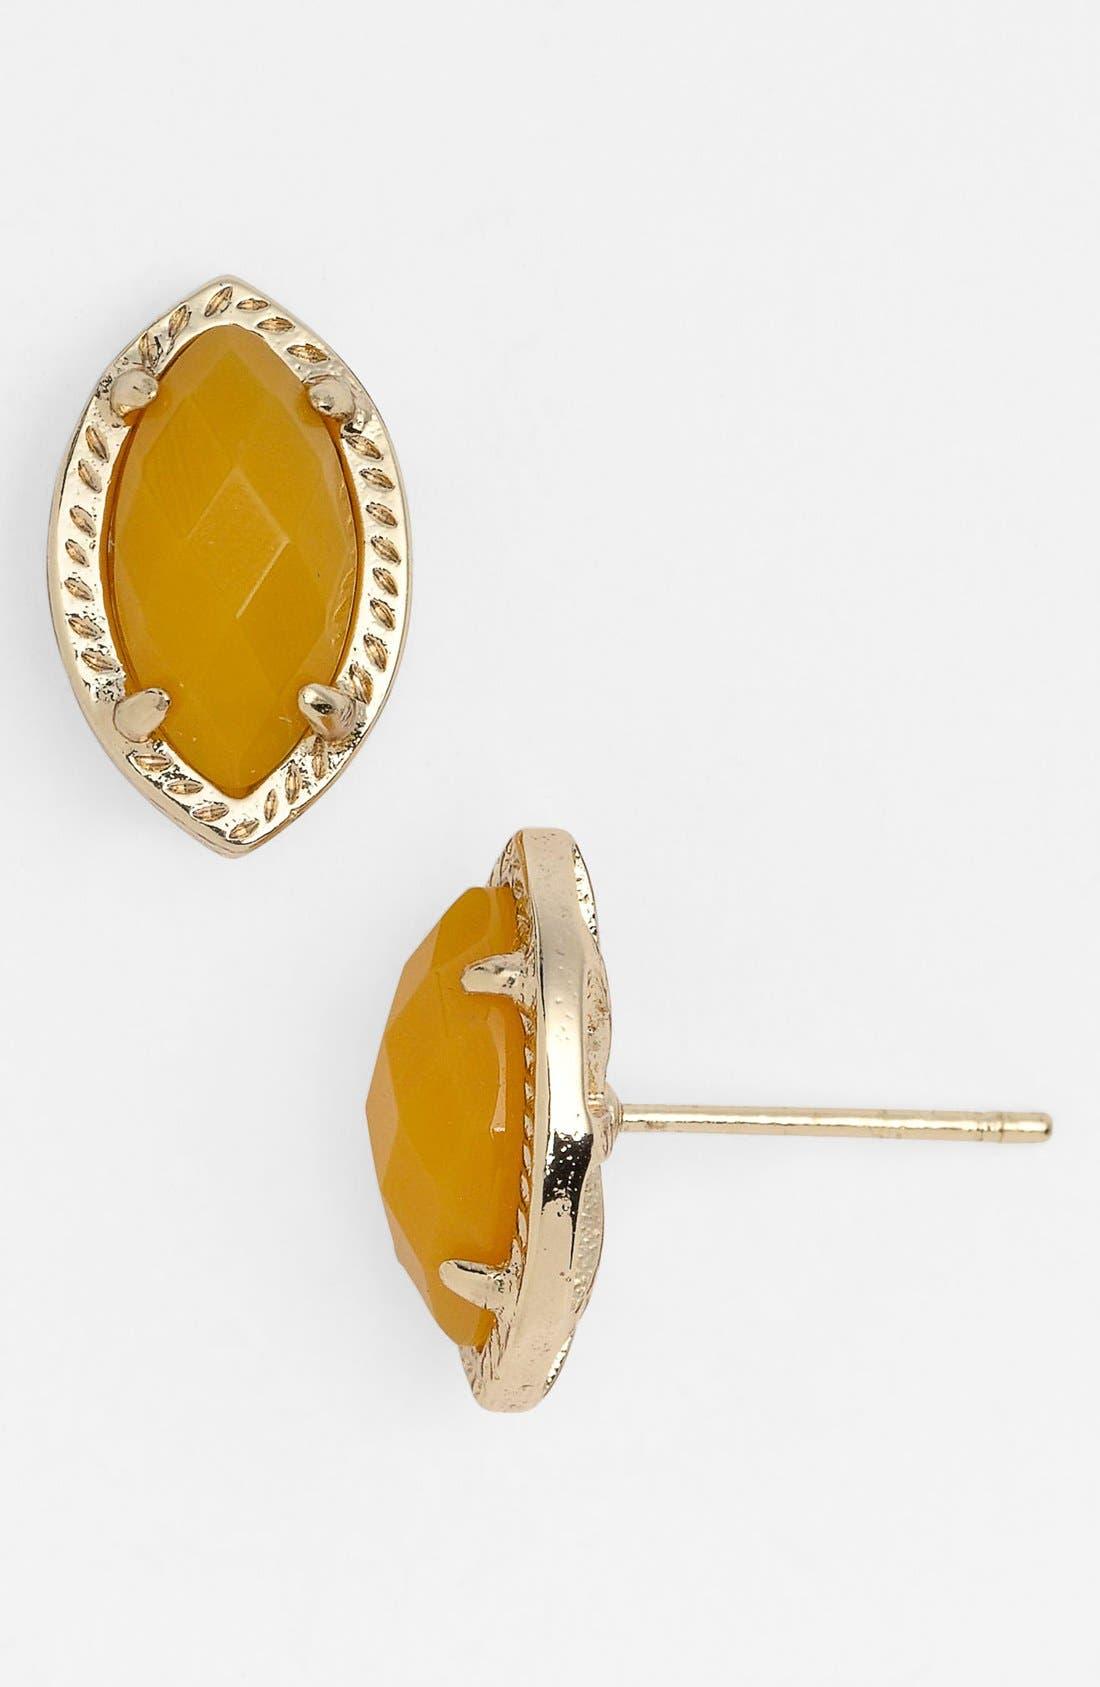 Alternate Image 1 Selected - Kendra Scott 'Joey' Stone Stud Earrings (Nordstrom Exclusive)